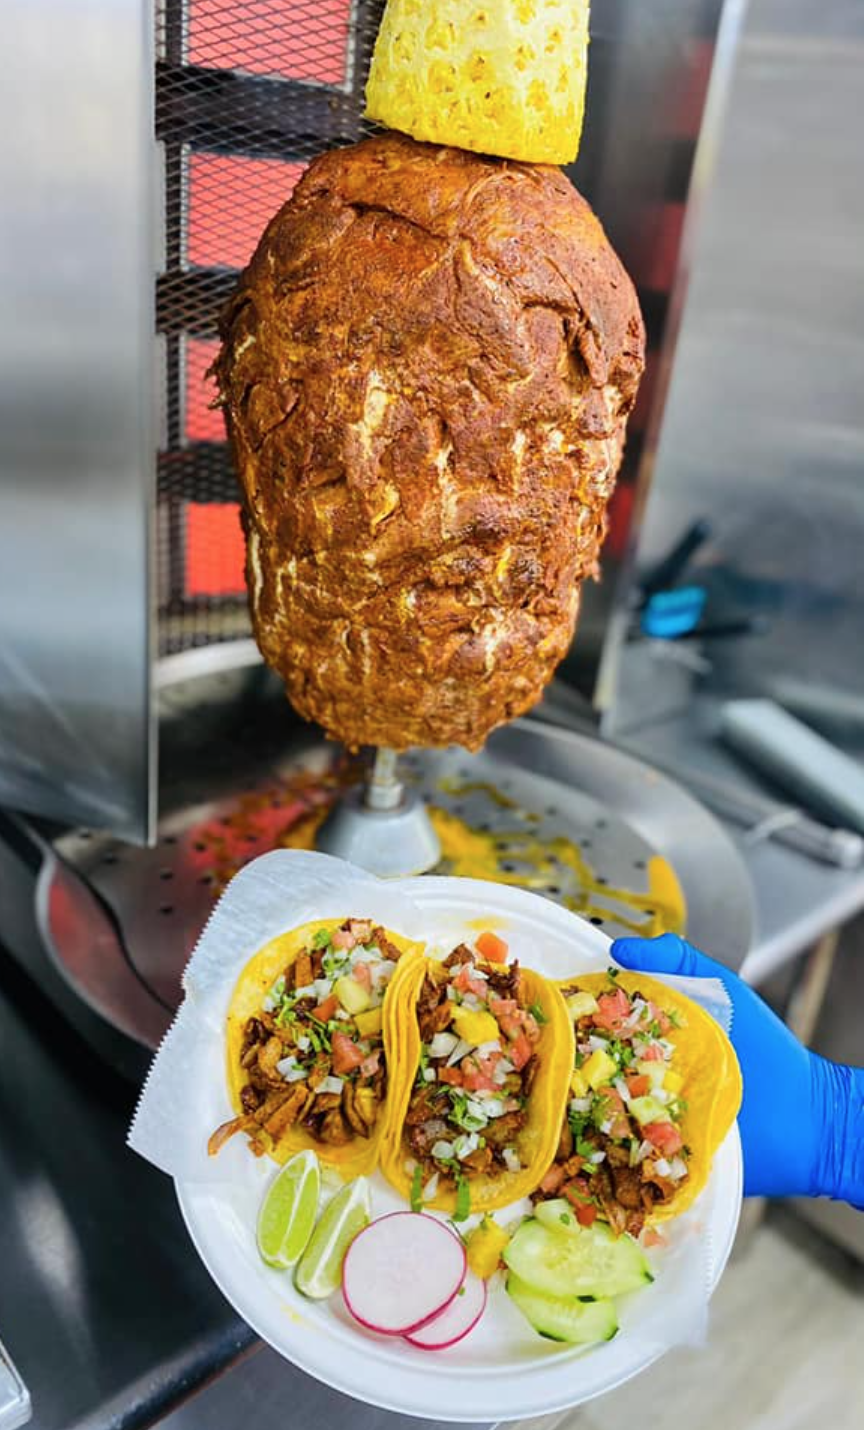 Tacos El Creador | restaurant | 117 Somerset St, North Plainfield, NJ 07060, USA | 9082875480 OR +1 908-287-5480